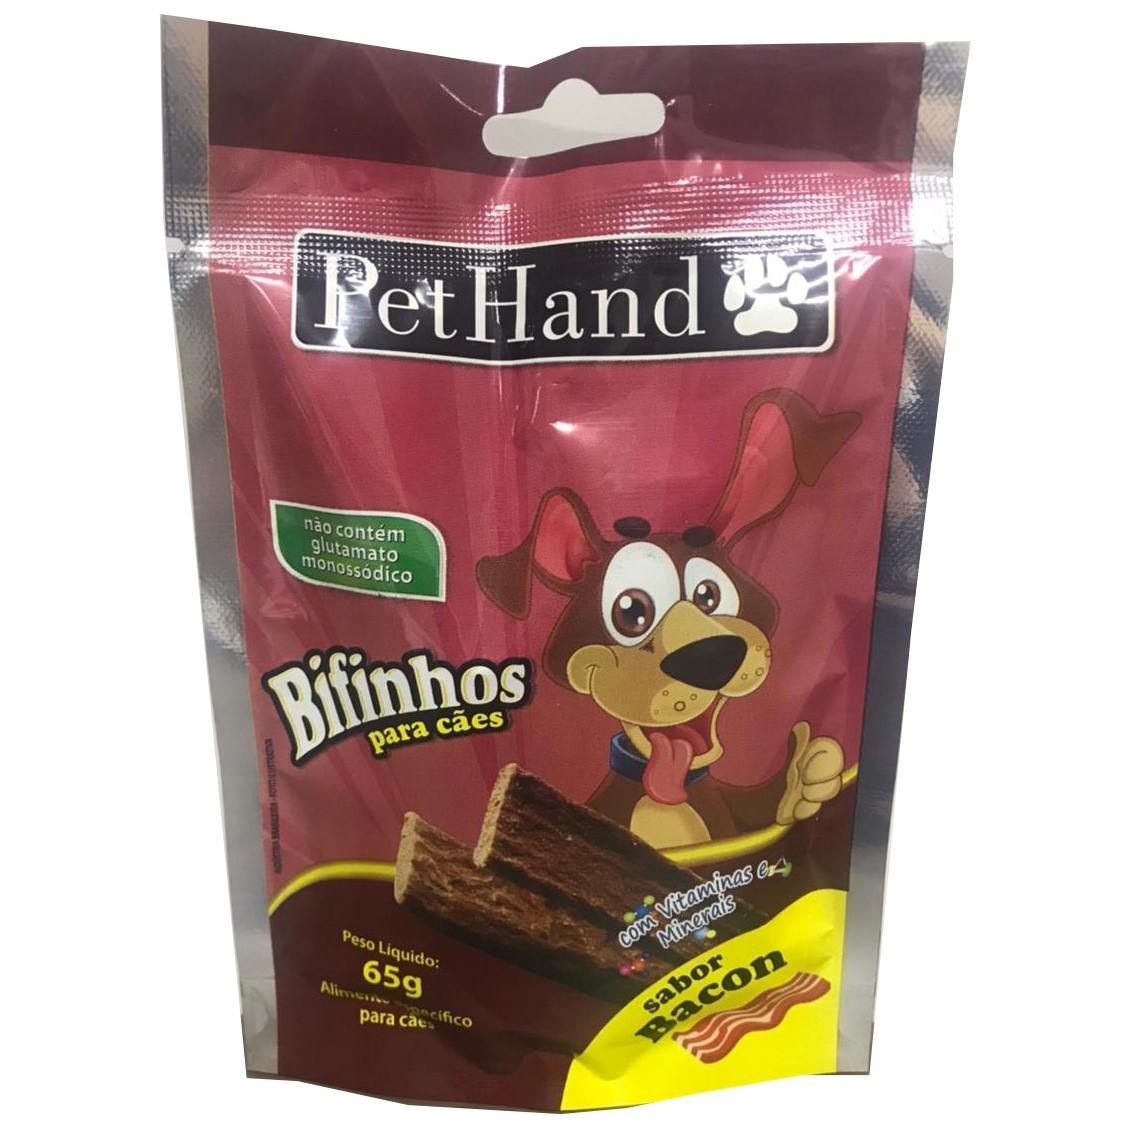 PetHand Cães Bifinho Bacon